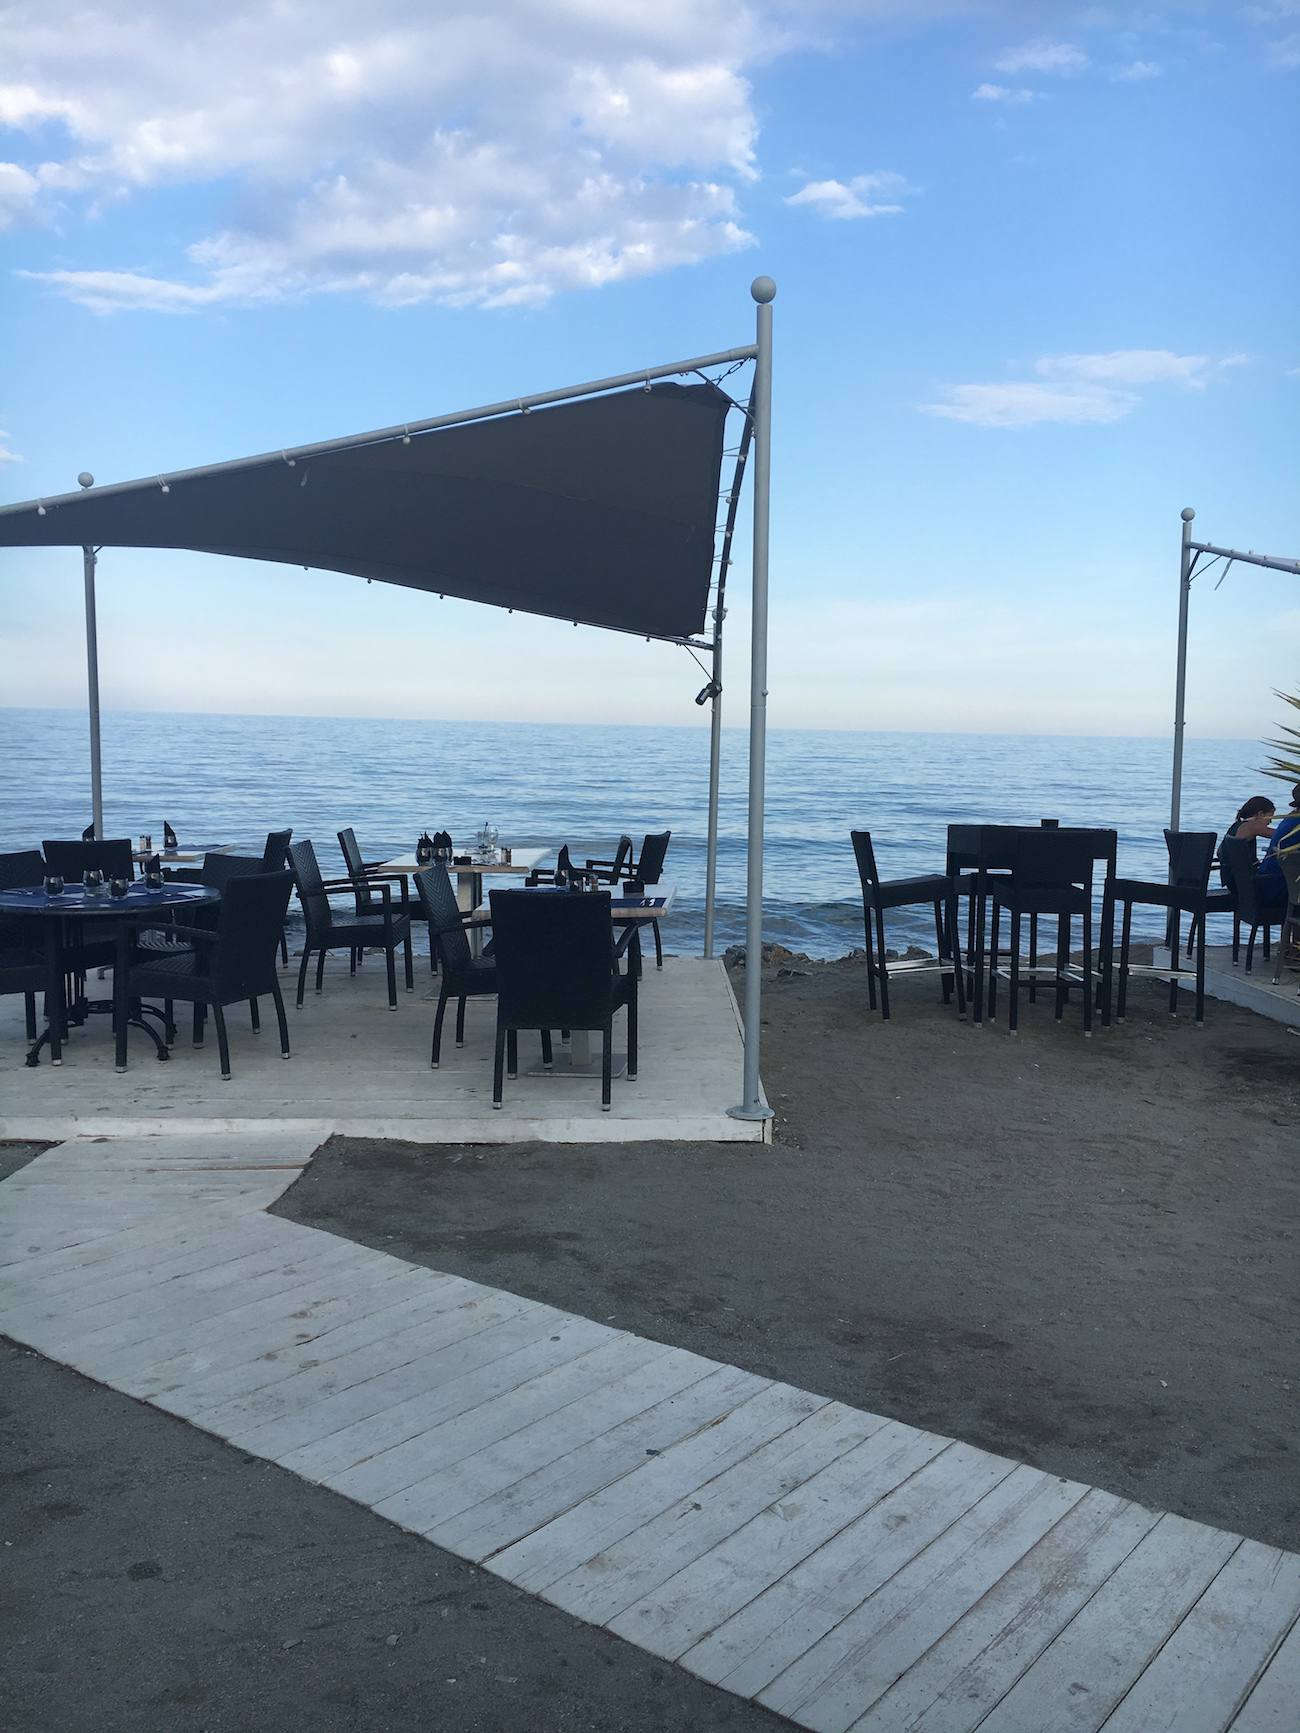 Corse - Road trip bonnes adresses - Blog Voyage nantes 16